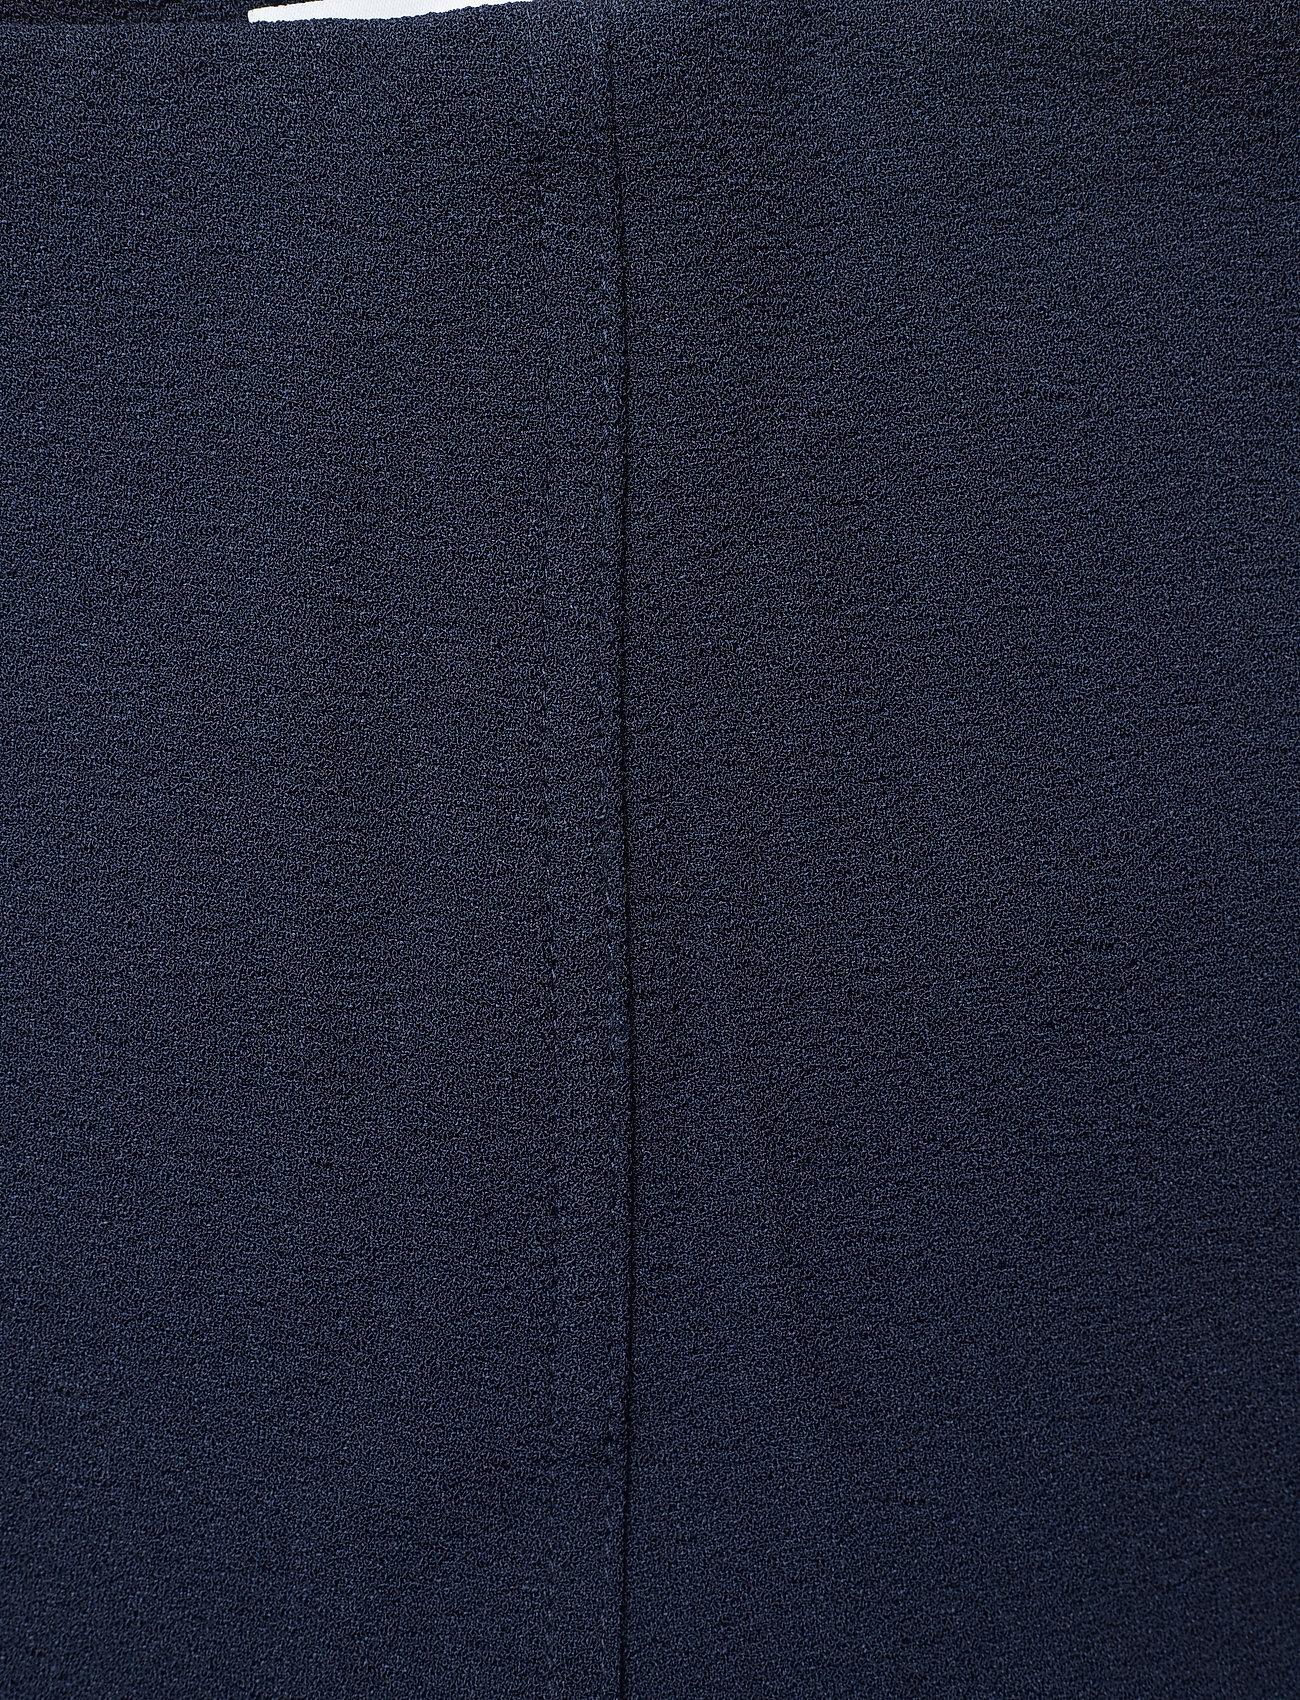 Cathrine Hammel High waist pants - Spodnie INK BLUE - Kobiety Odzież.